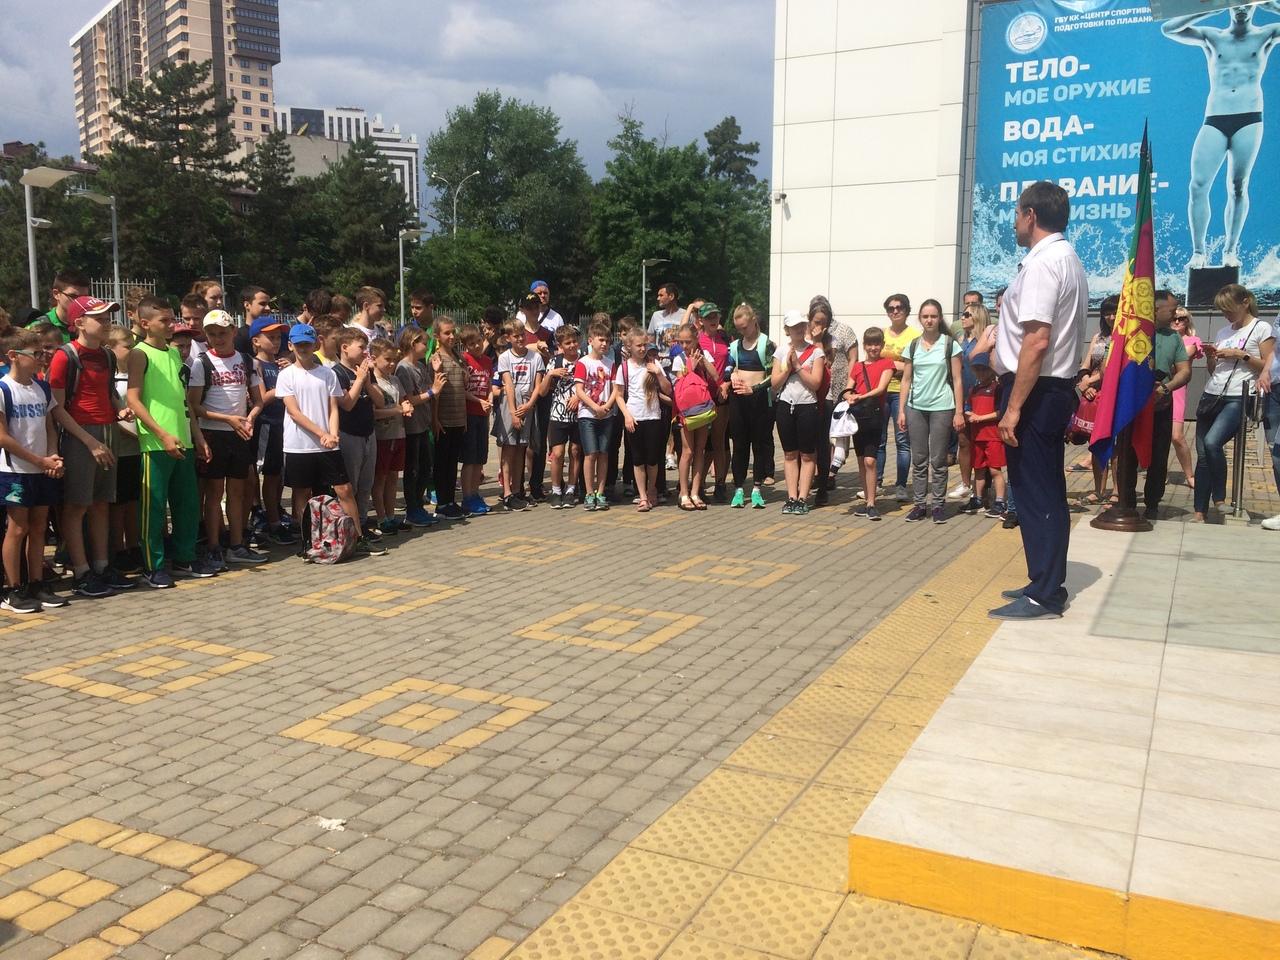 Спортсмены ЛНР приняли участие в краевых соревнованиях по пятиборью (двоеборью) в Краснодаре